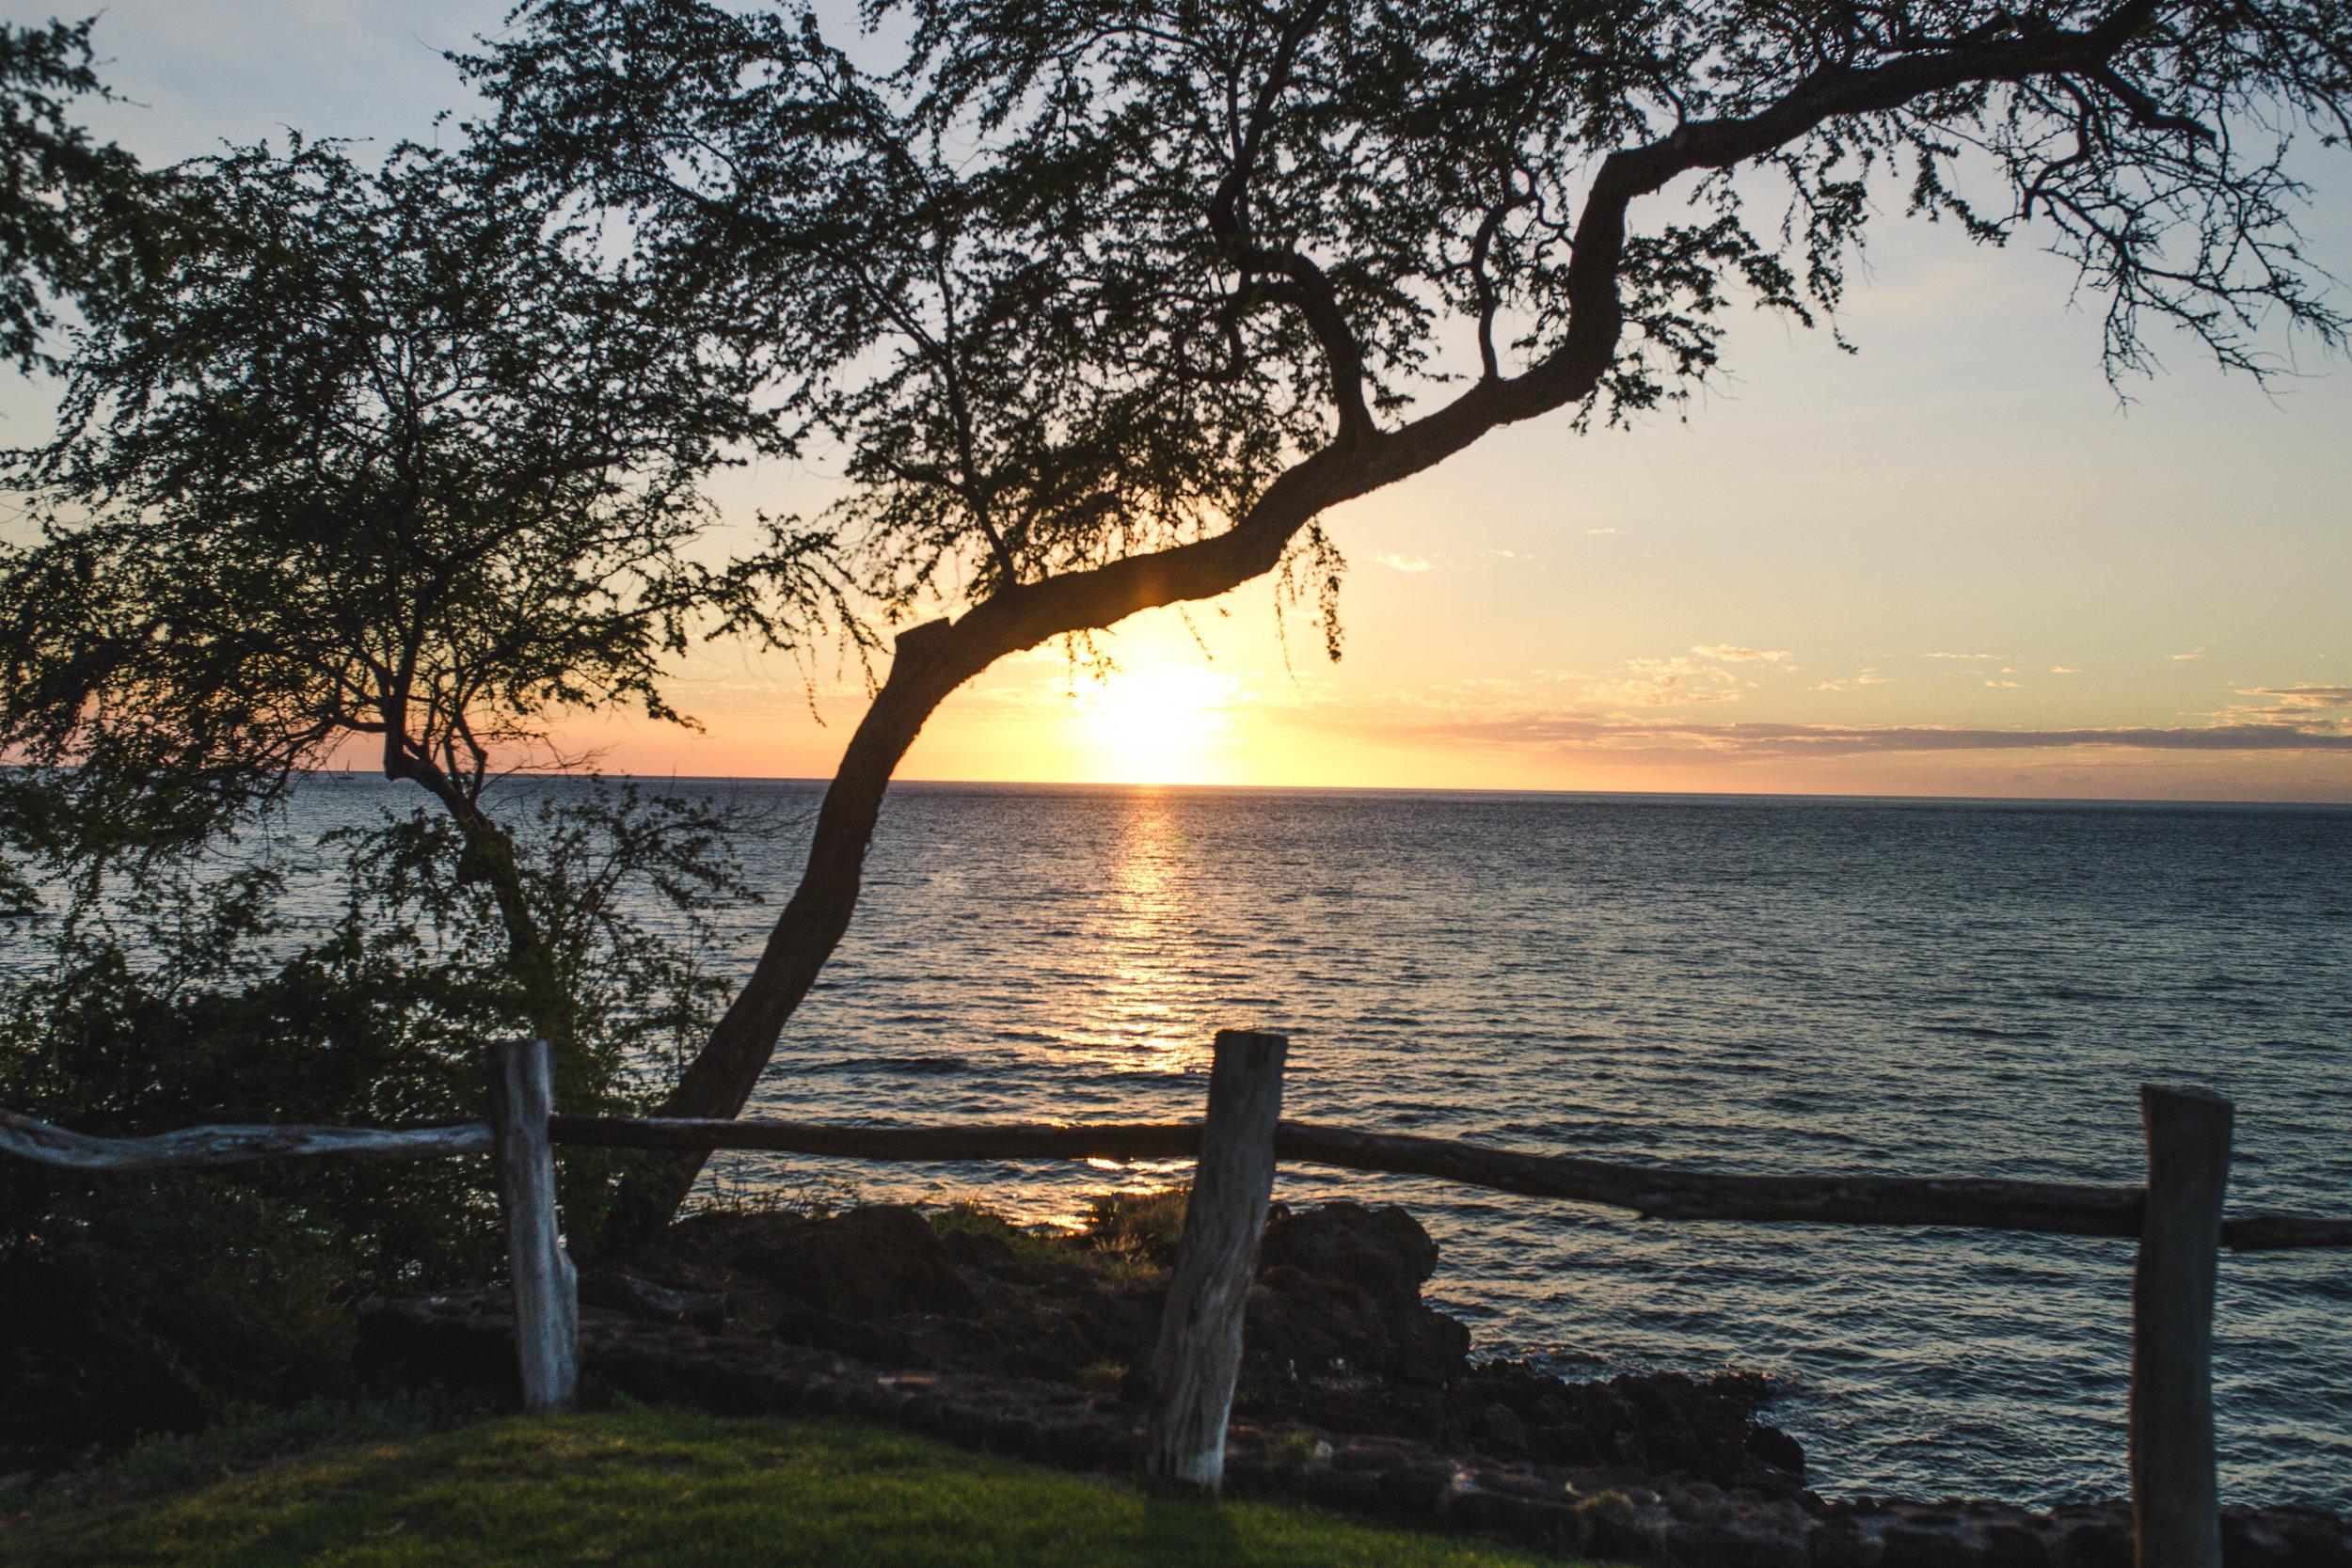 MaunaKea_Sept2016-5-2.jpg